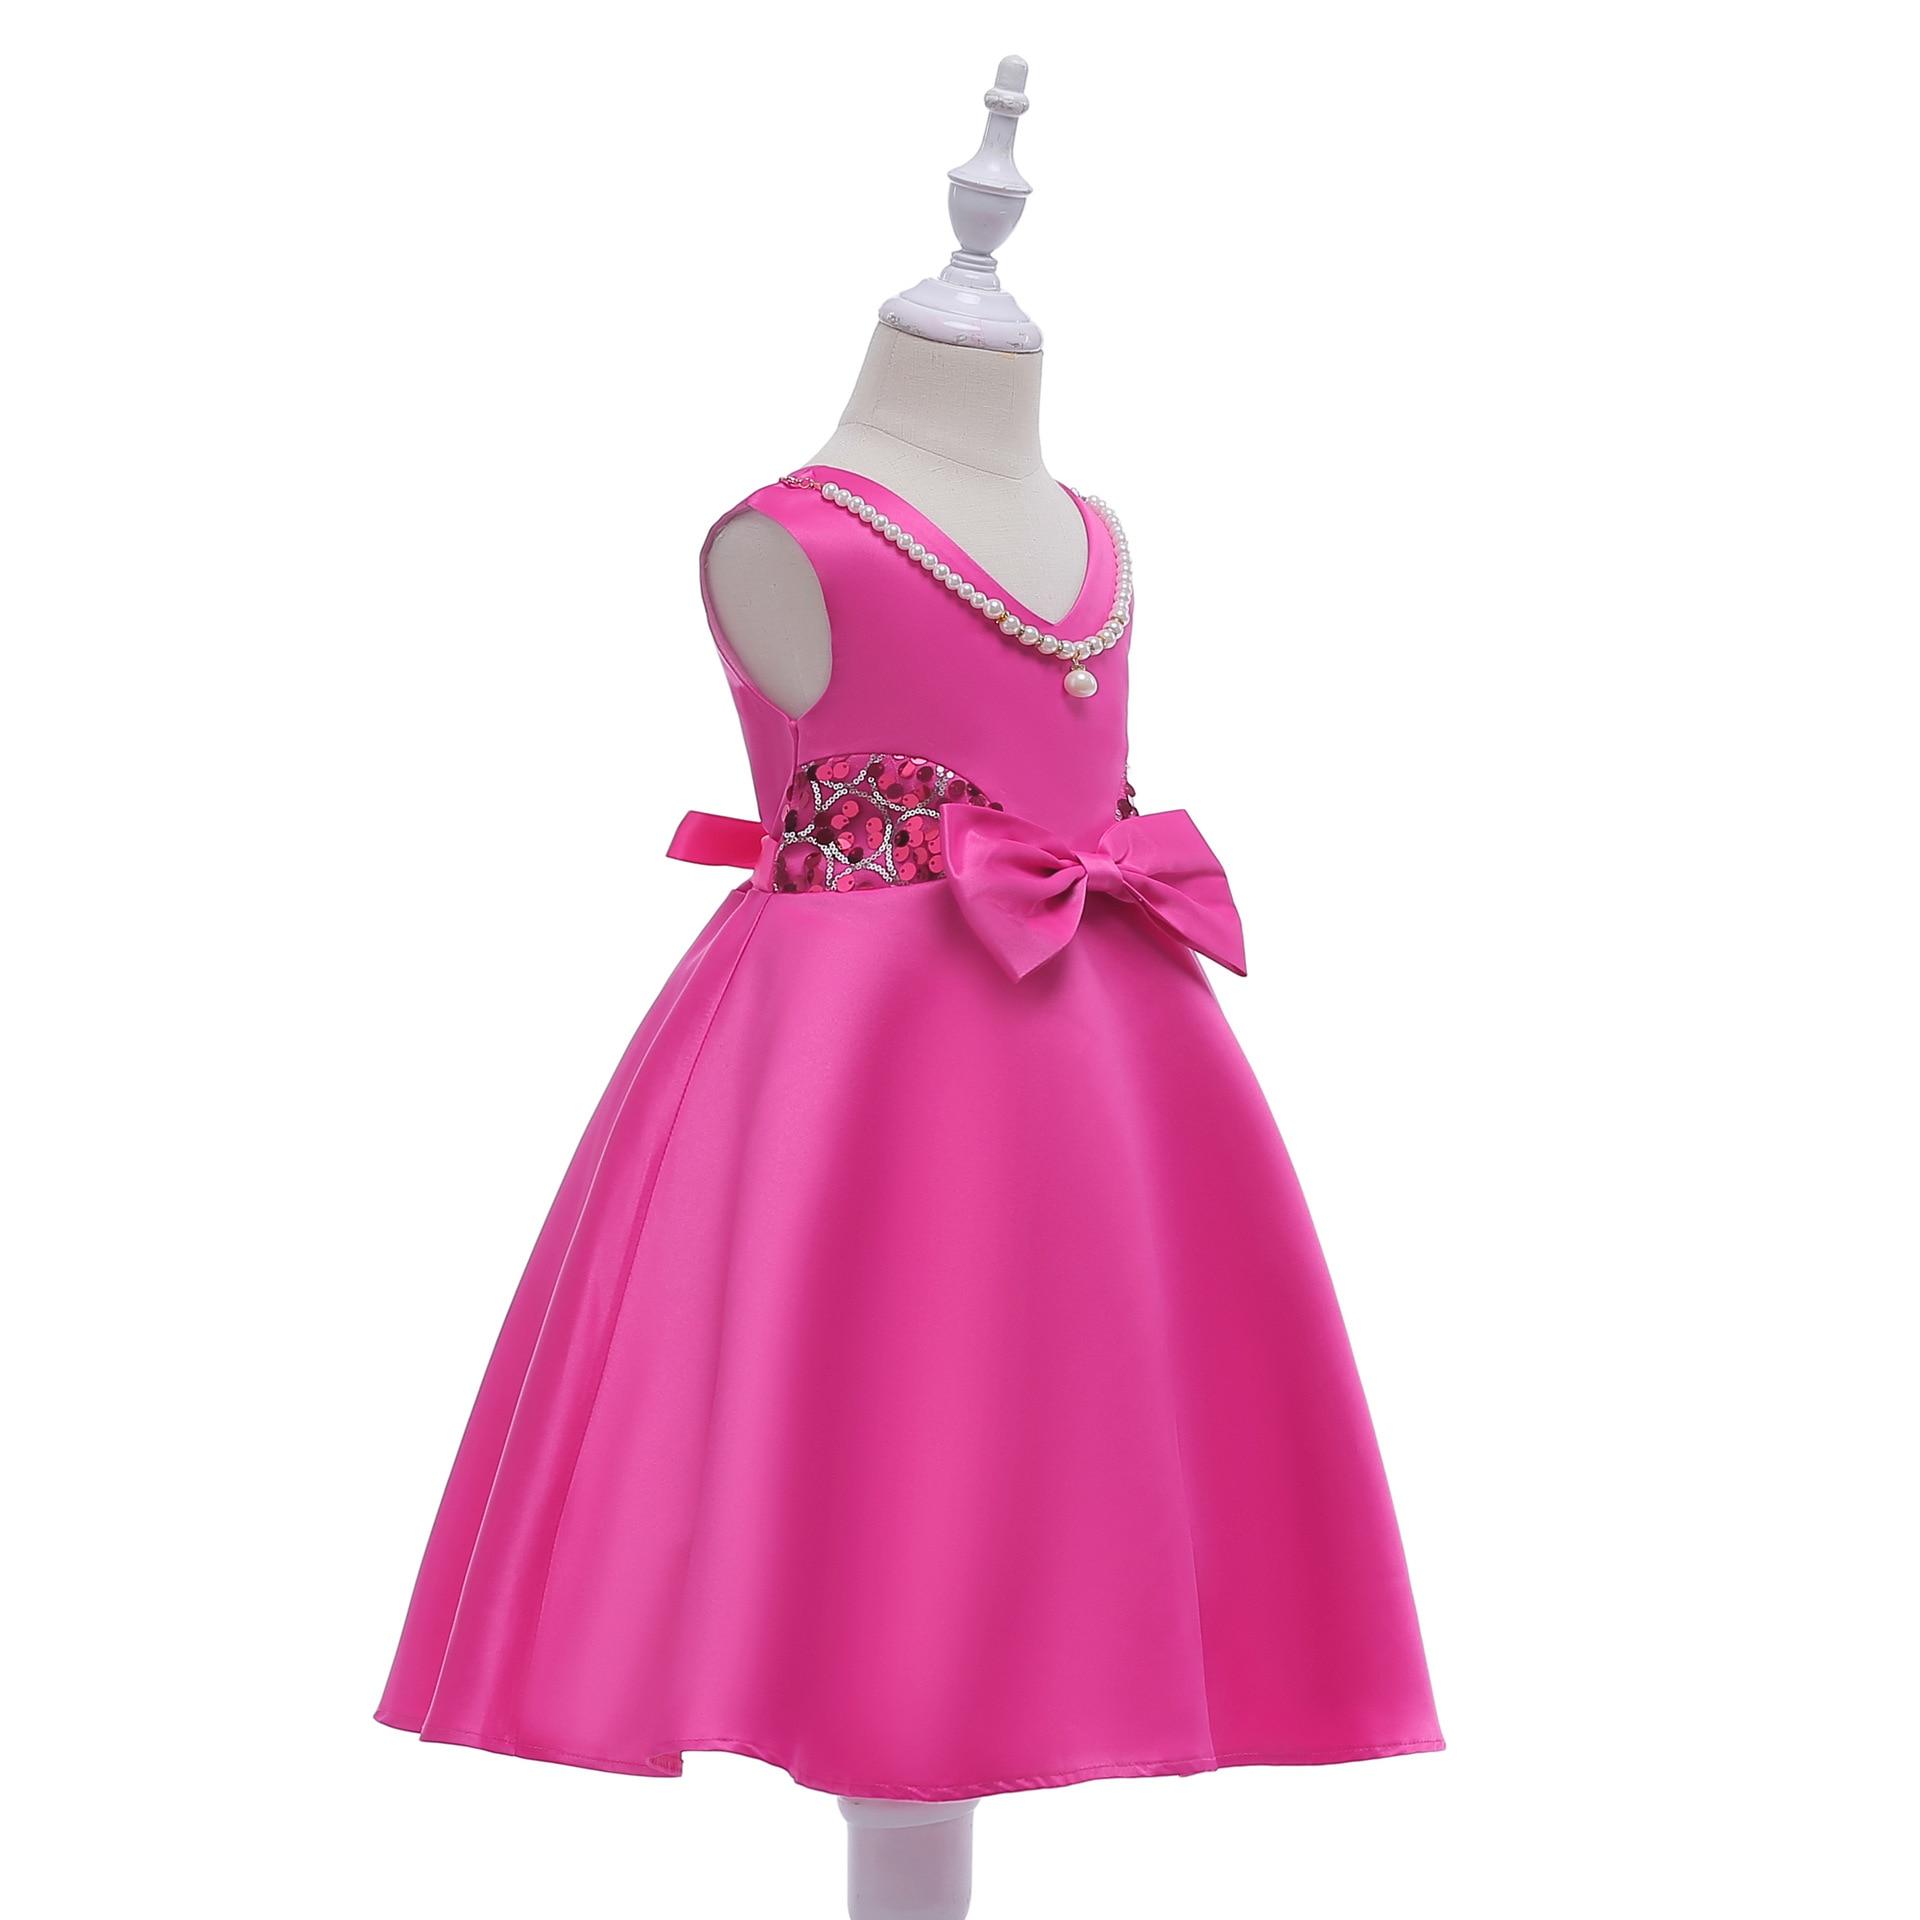 Hibyhoby 2018 nieuwe Boog Baljurk Mouwloze Pailletten jurk Meisjes - Kinderkleding - Foto 4